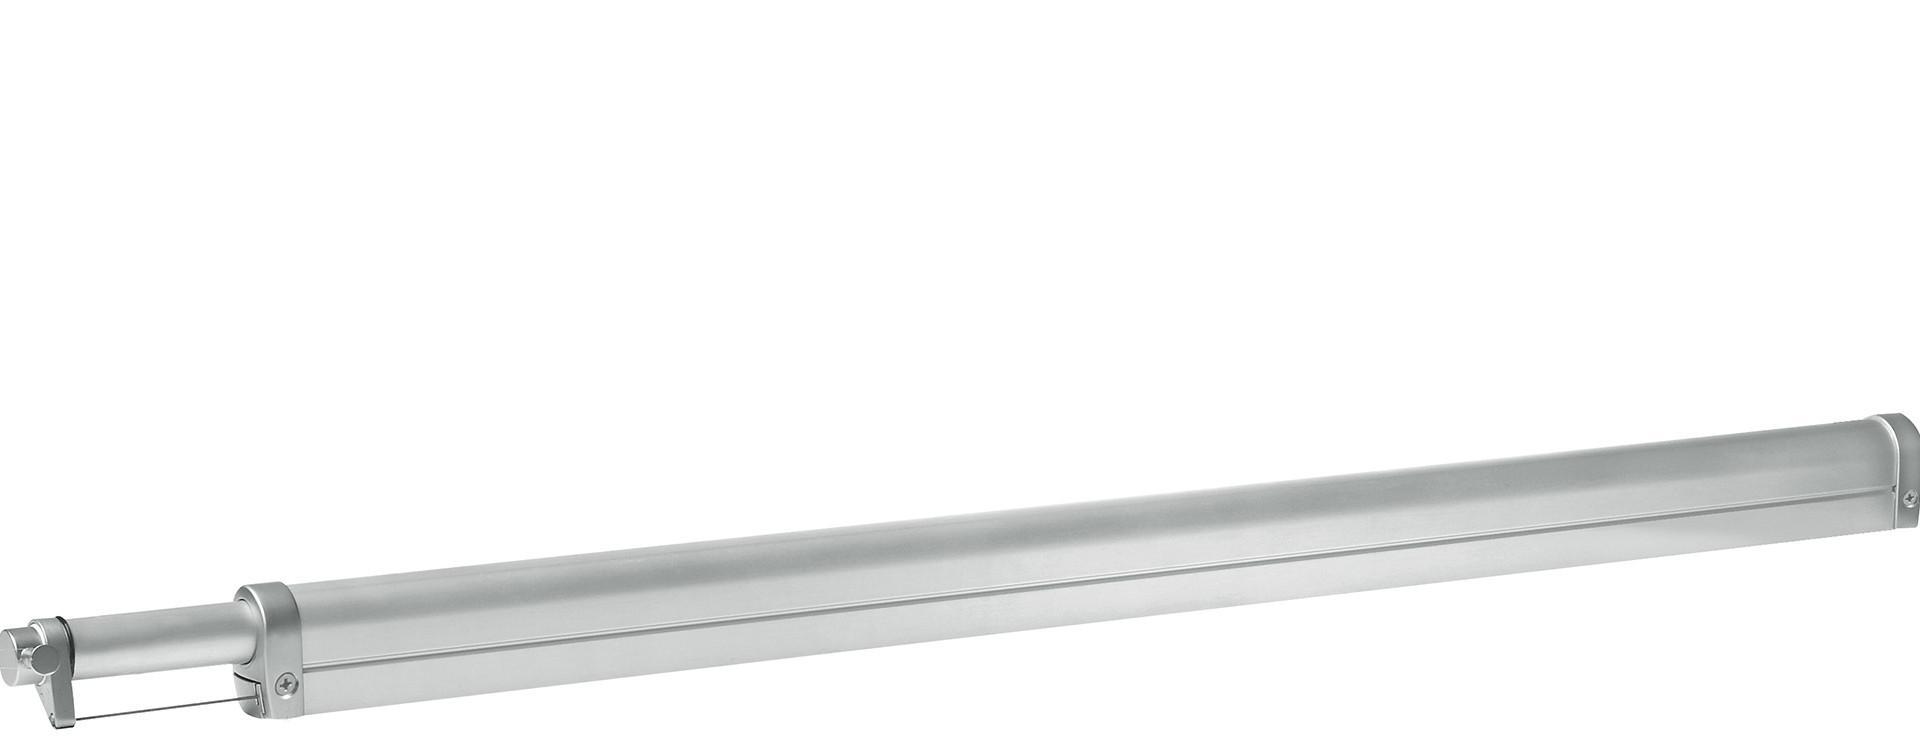 sliding-door-closers-hardwaredoor-slidin